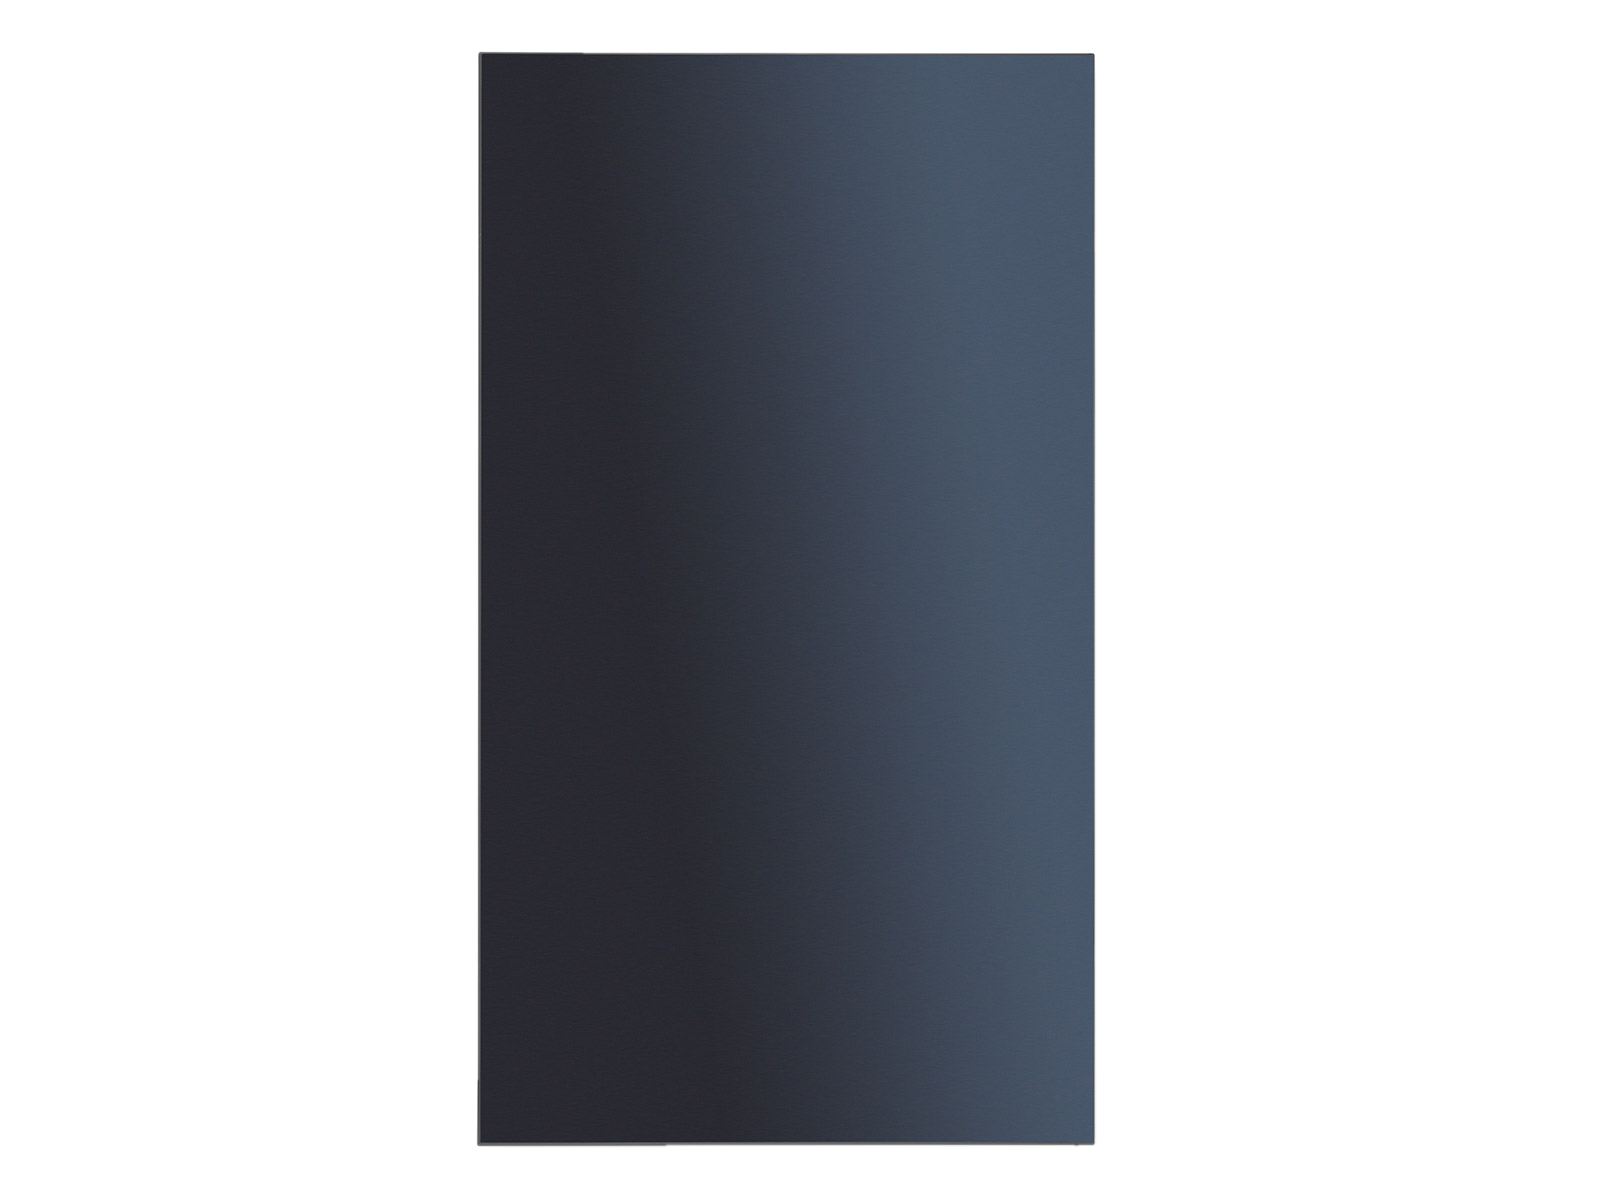 X554UNV-DisplayViewFrontalBlack-Port